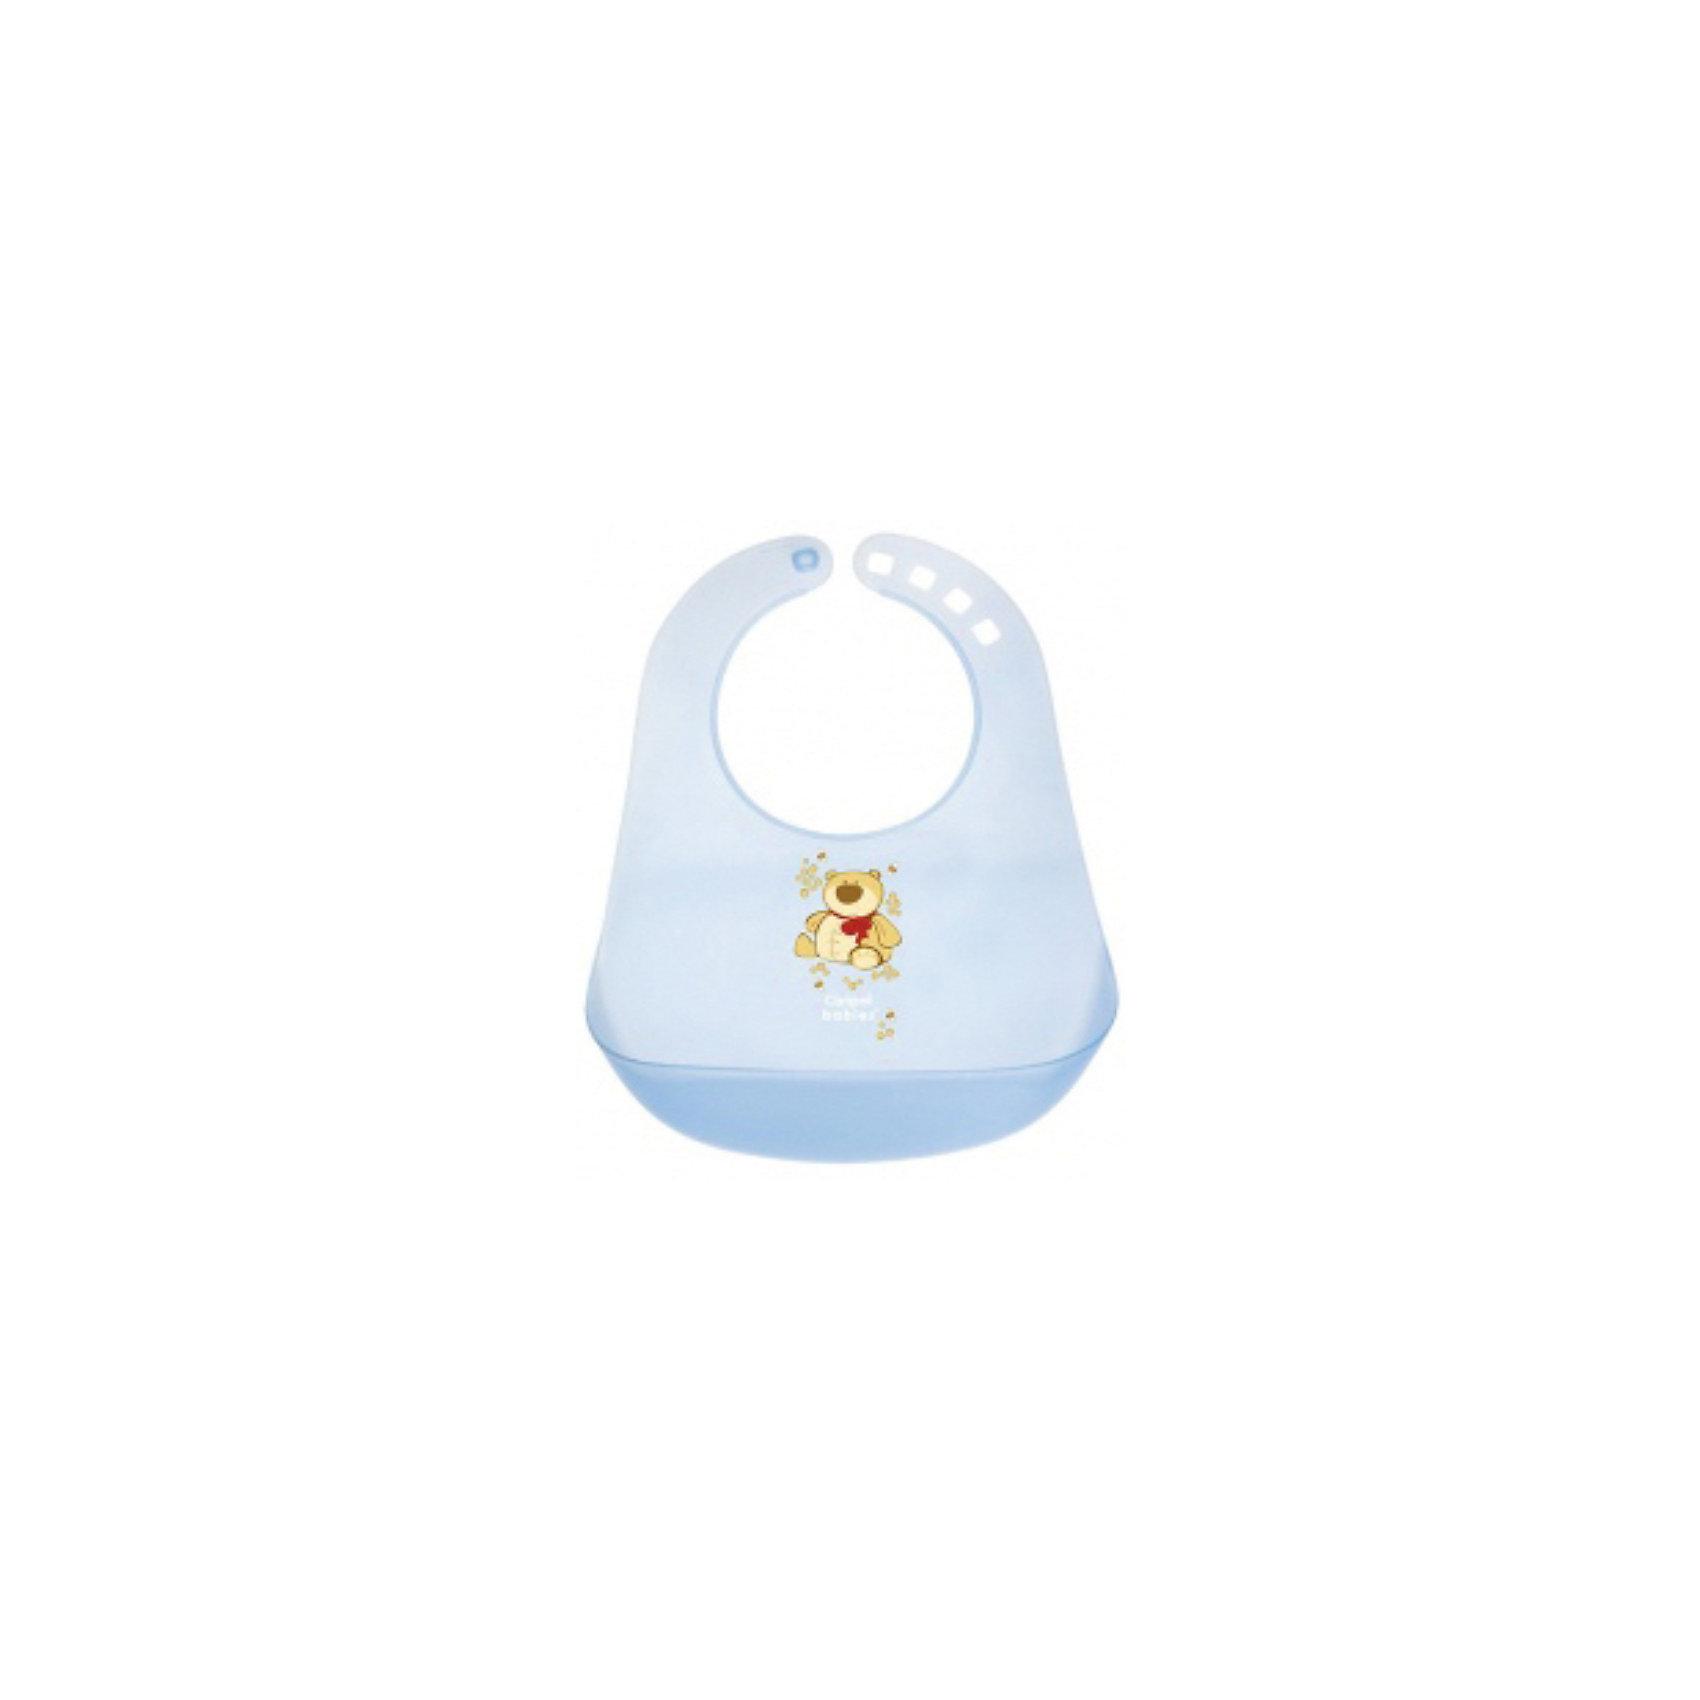 Пластиковый нагрудник, Canpol Babies, голубой